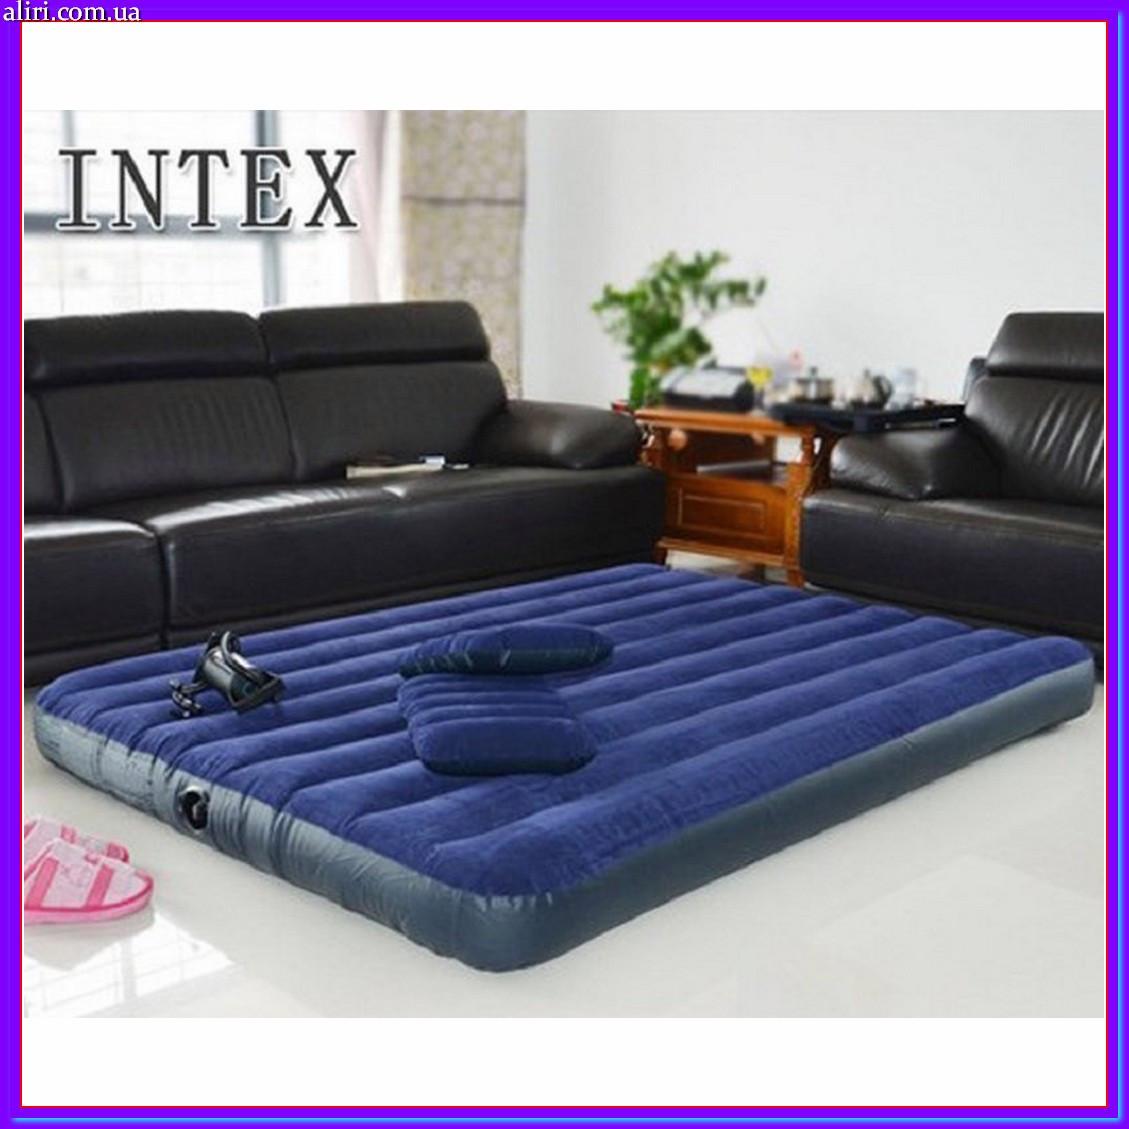 Велюровый односпальный матрас Intex 191x76x22 см